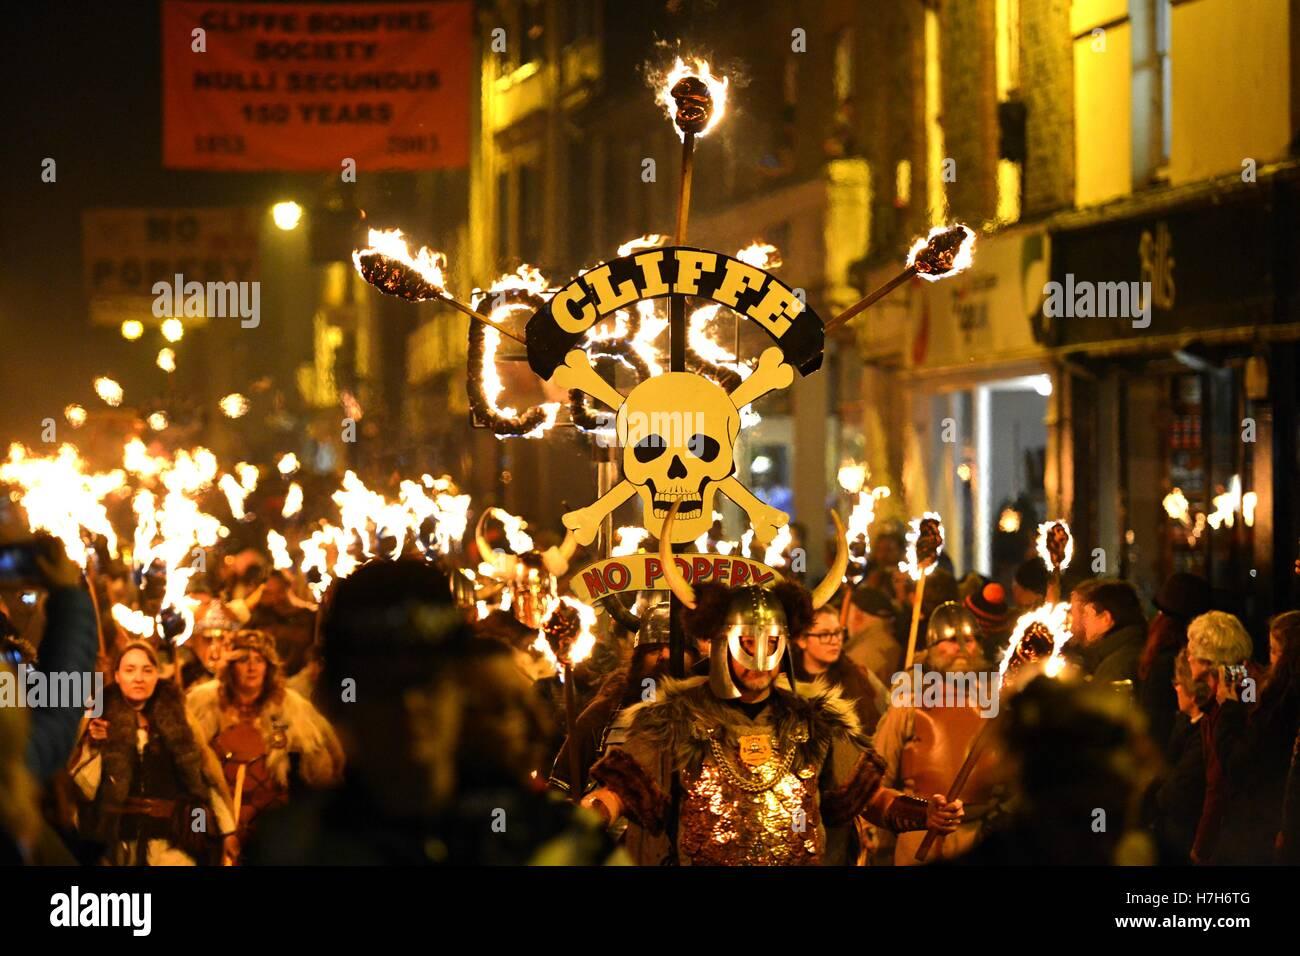 Lewes, East Sussex. 5e novembre 2016. Lewes fête son célèbre feu de nuit avec une procession aux Photo Stock